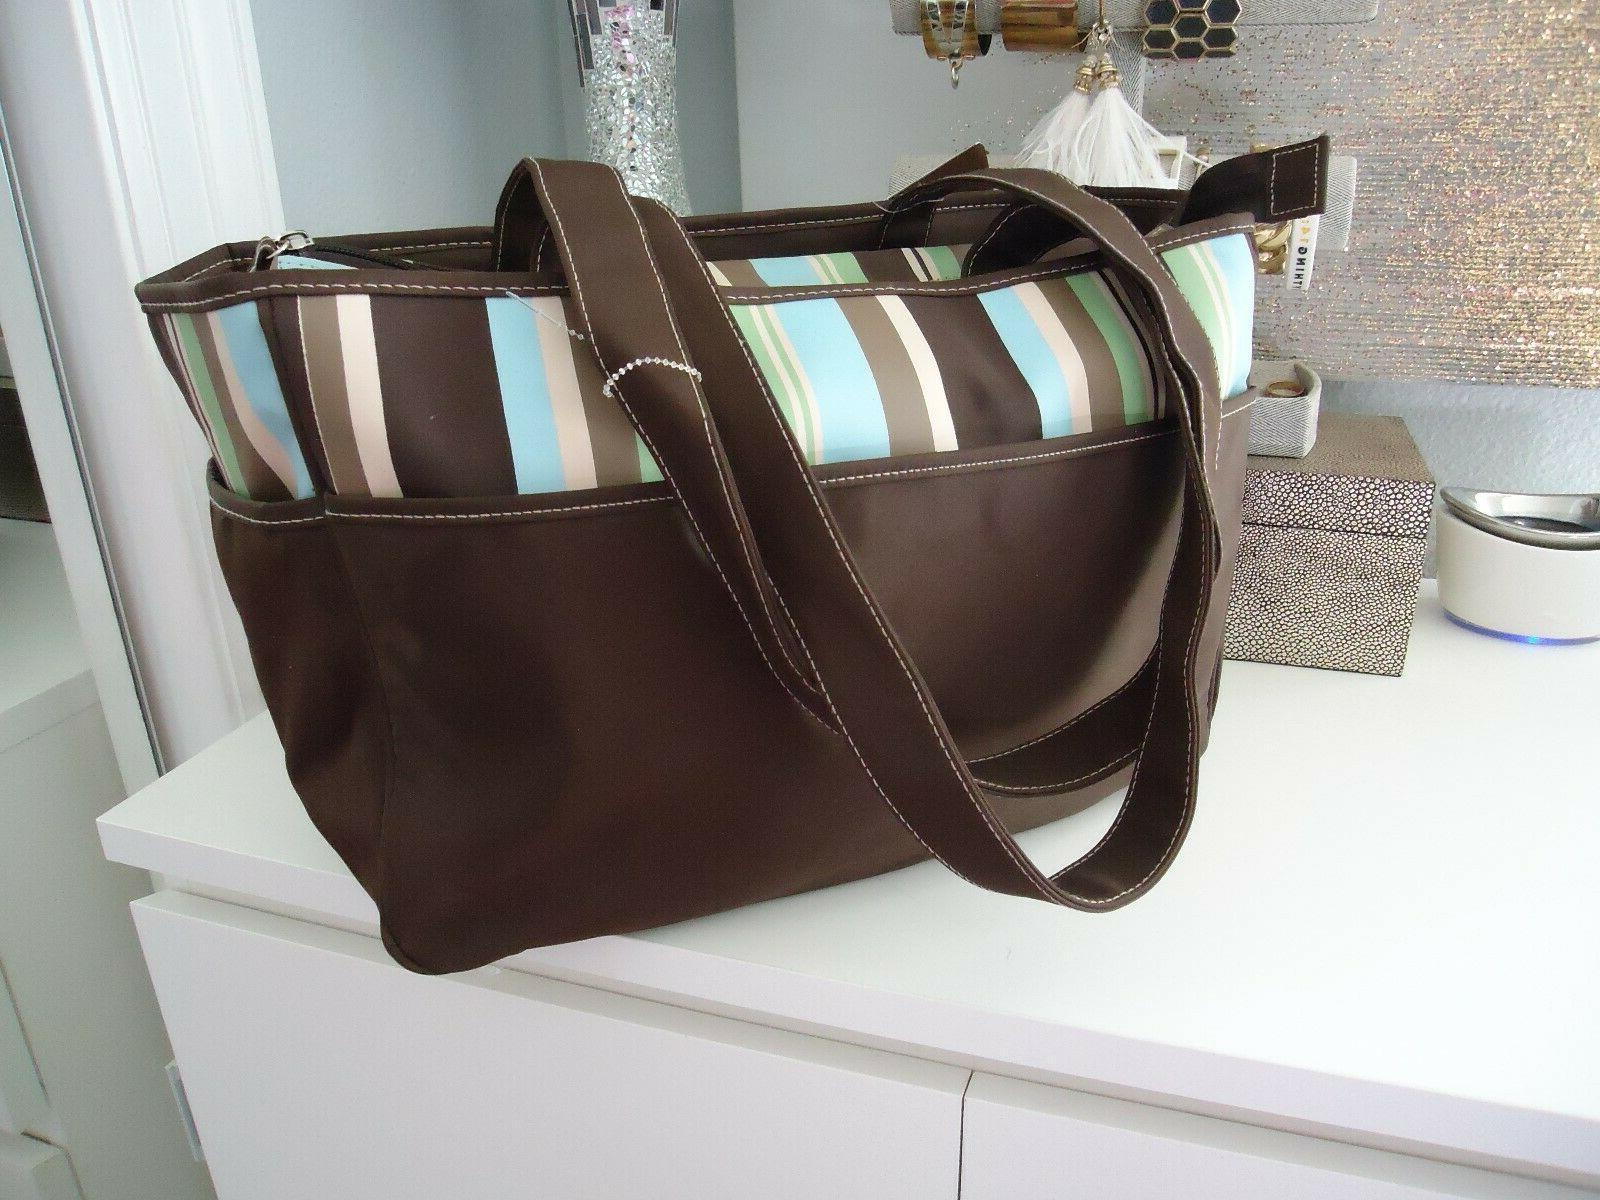 5Pcs/Set Handbag Baby Diaper Nappy